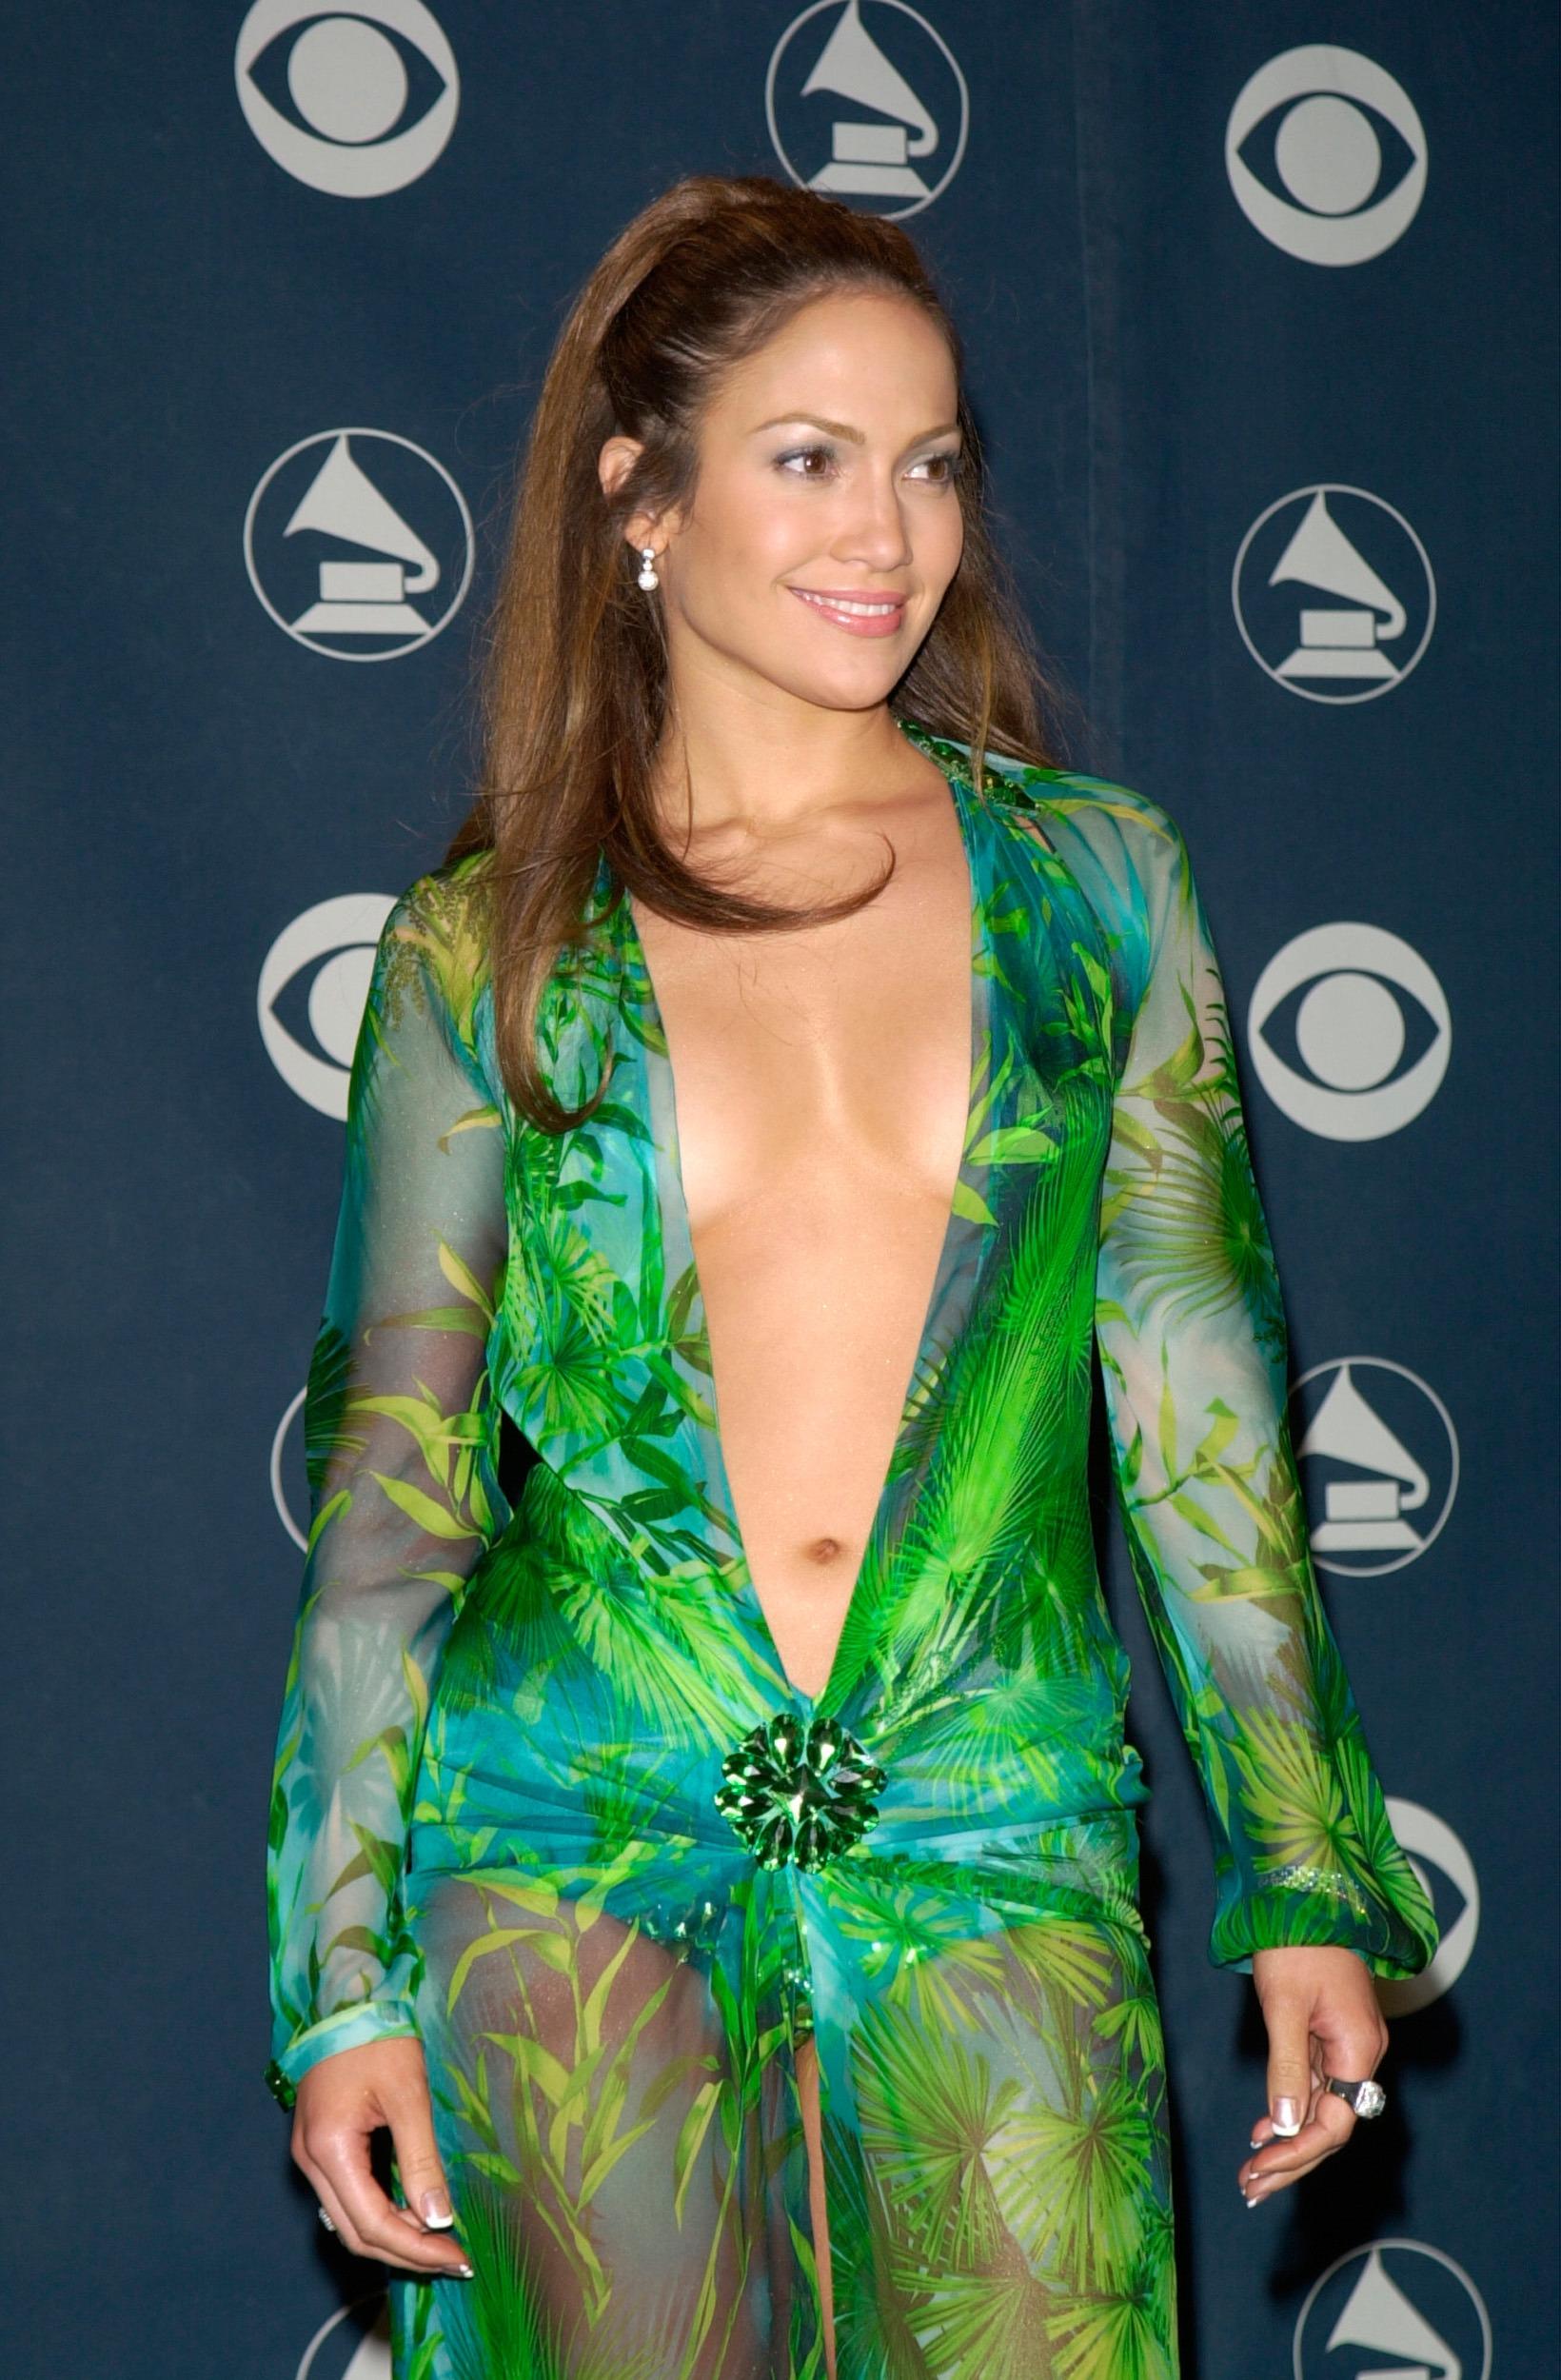 Jennifer Lopez po 19 latach w tej samej kreacji! Piosenkarka przeszła po wybiegu na pokazie mody Vesace!